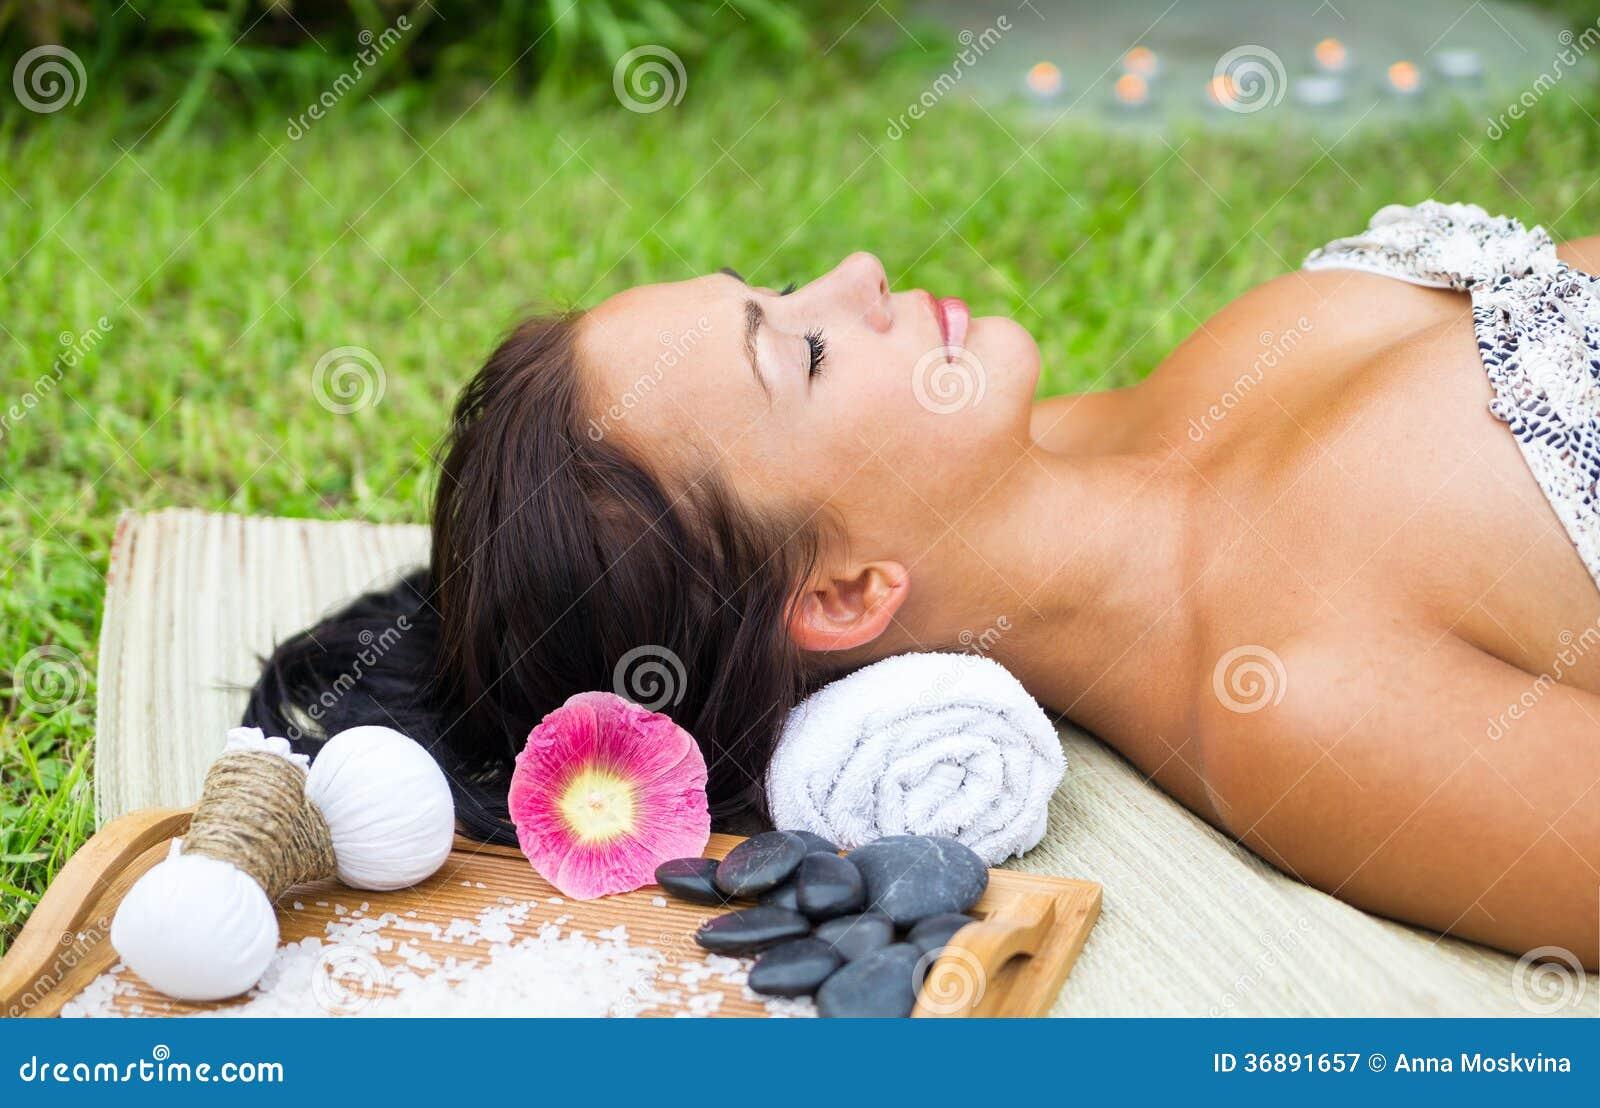 Download La Giovane Donna Graziosa Si Rilassa Immagine Stock - Immagine di occhi, cura: 36891657